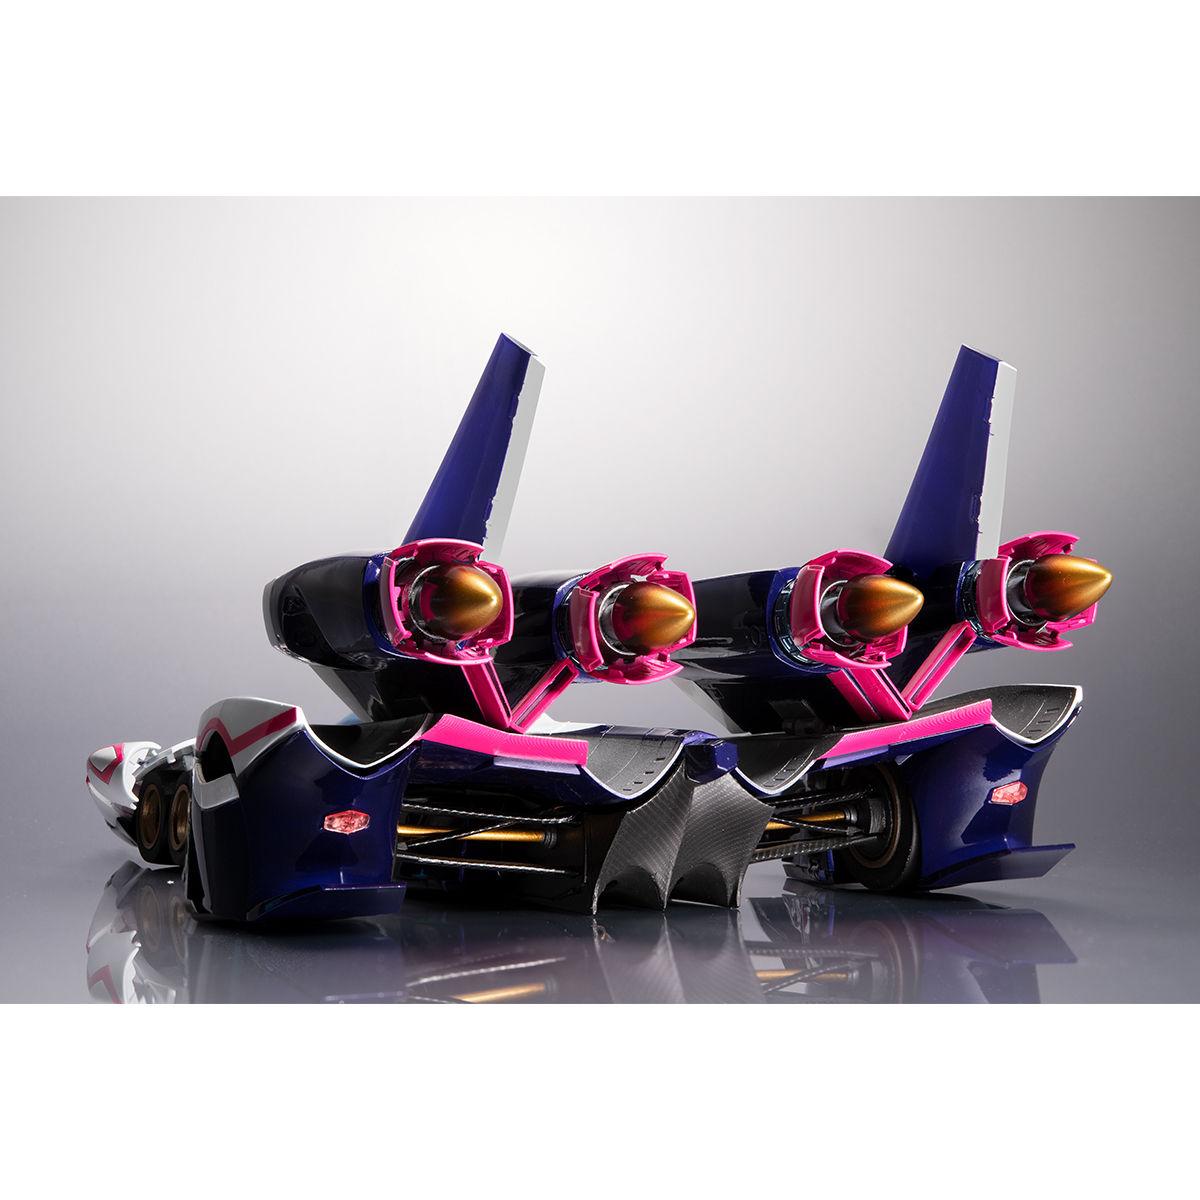 ヴァリアブルアクション Hi-SPEC『凰呀 AN-21』新世紀GPXサイバーフォーミュラ 1/18 可動モデル-008